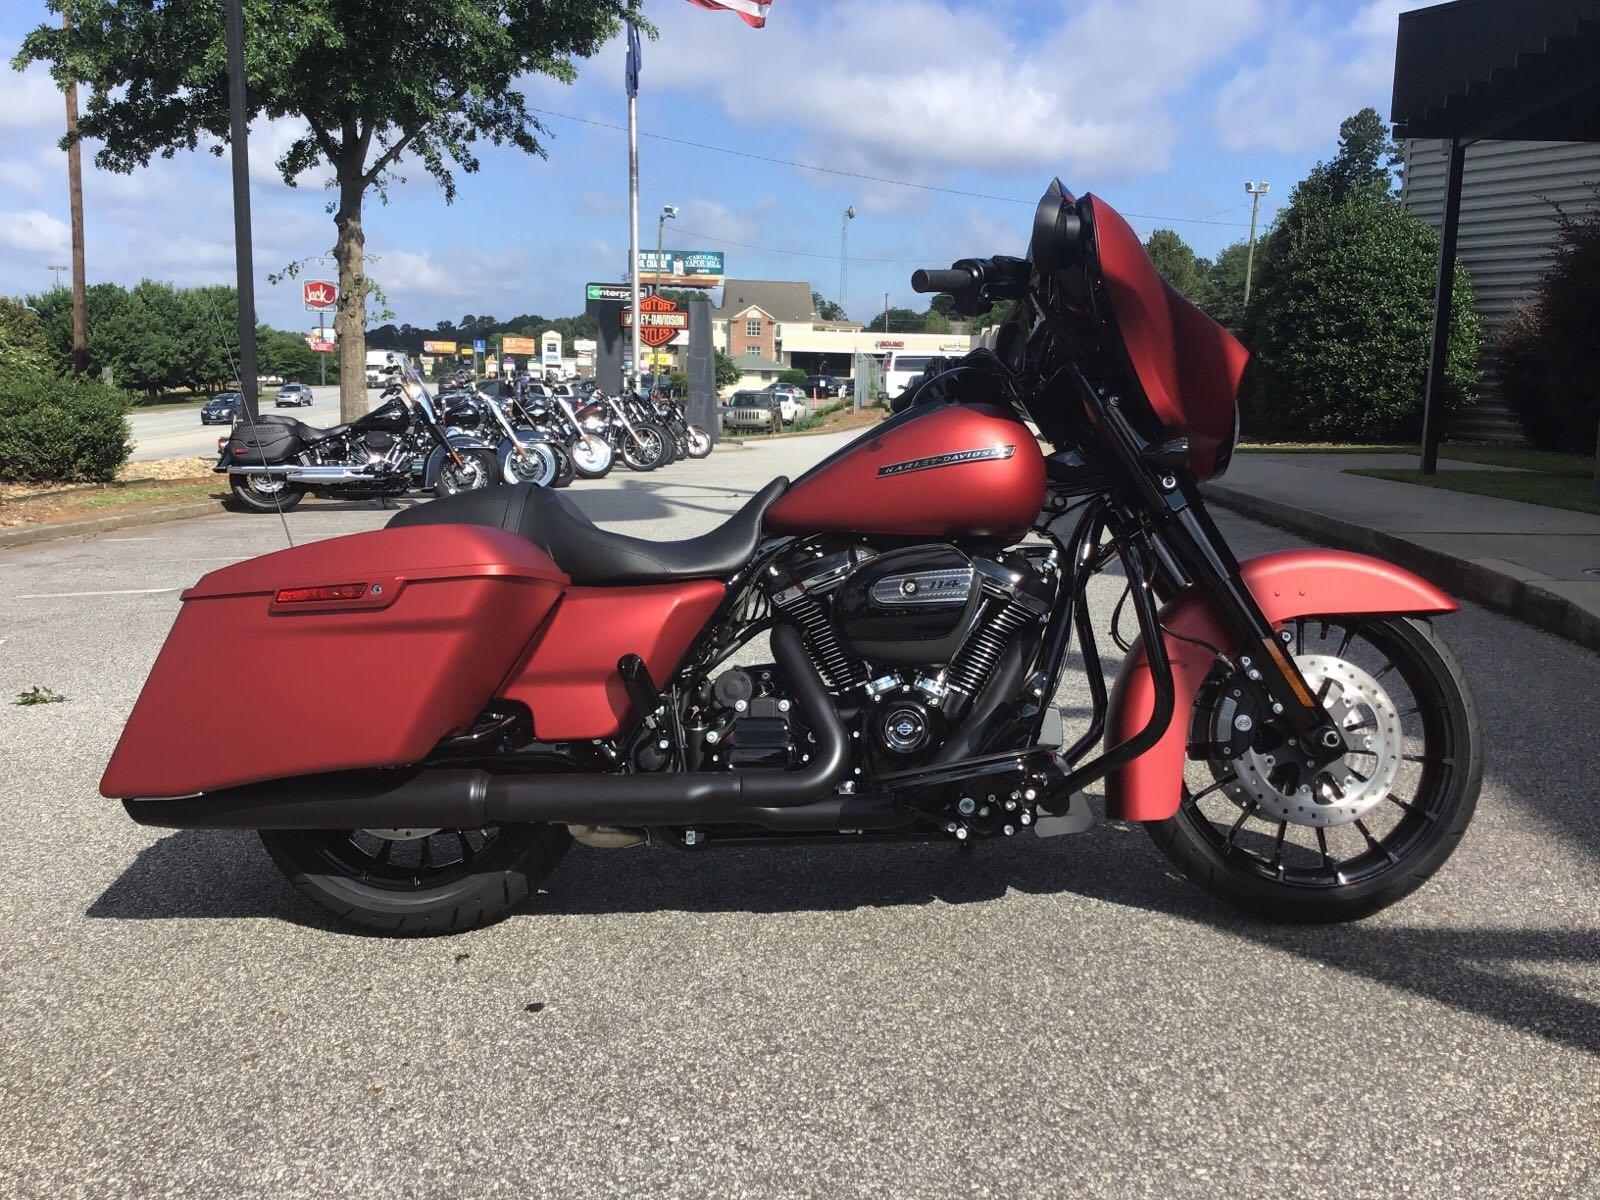 2019 Harley-Davidson Street Glide Special for sale serving